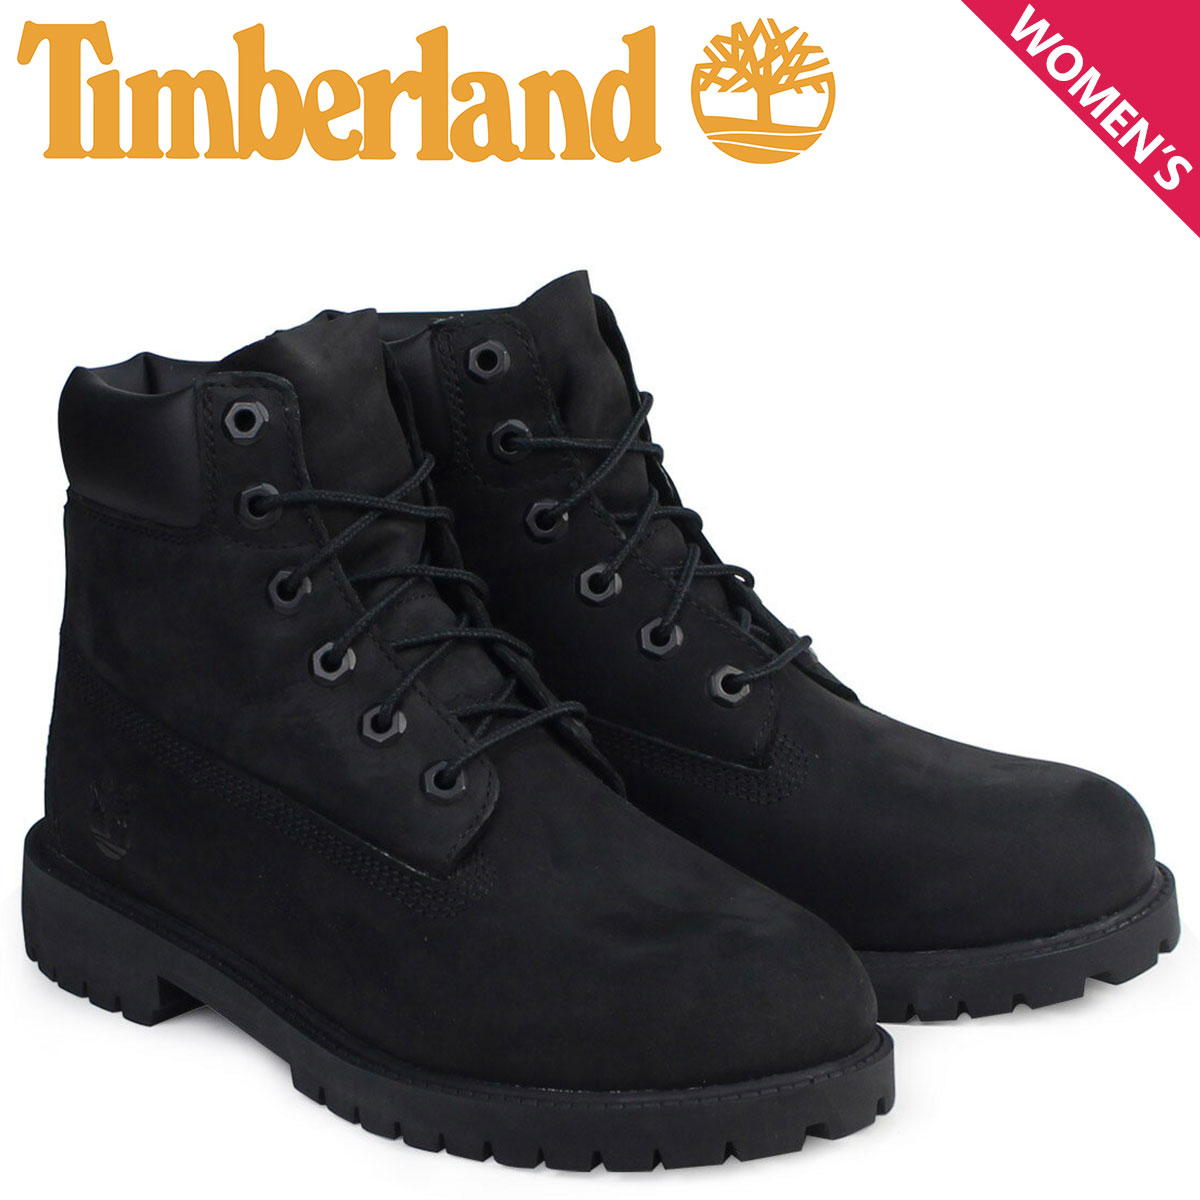 ティンバーランド Timberland ブーツ レディース 6INCH WATERPROOF BOOTS 6インチ プレミアム ウォータープルーフ ブラック 12907